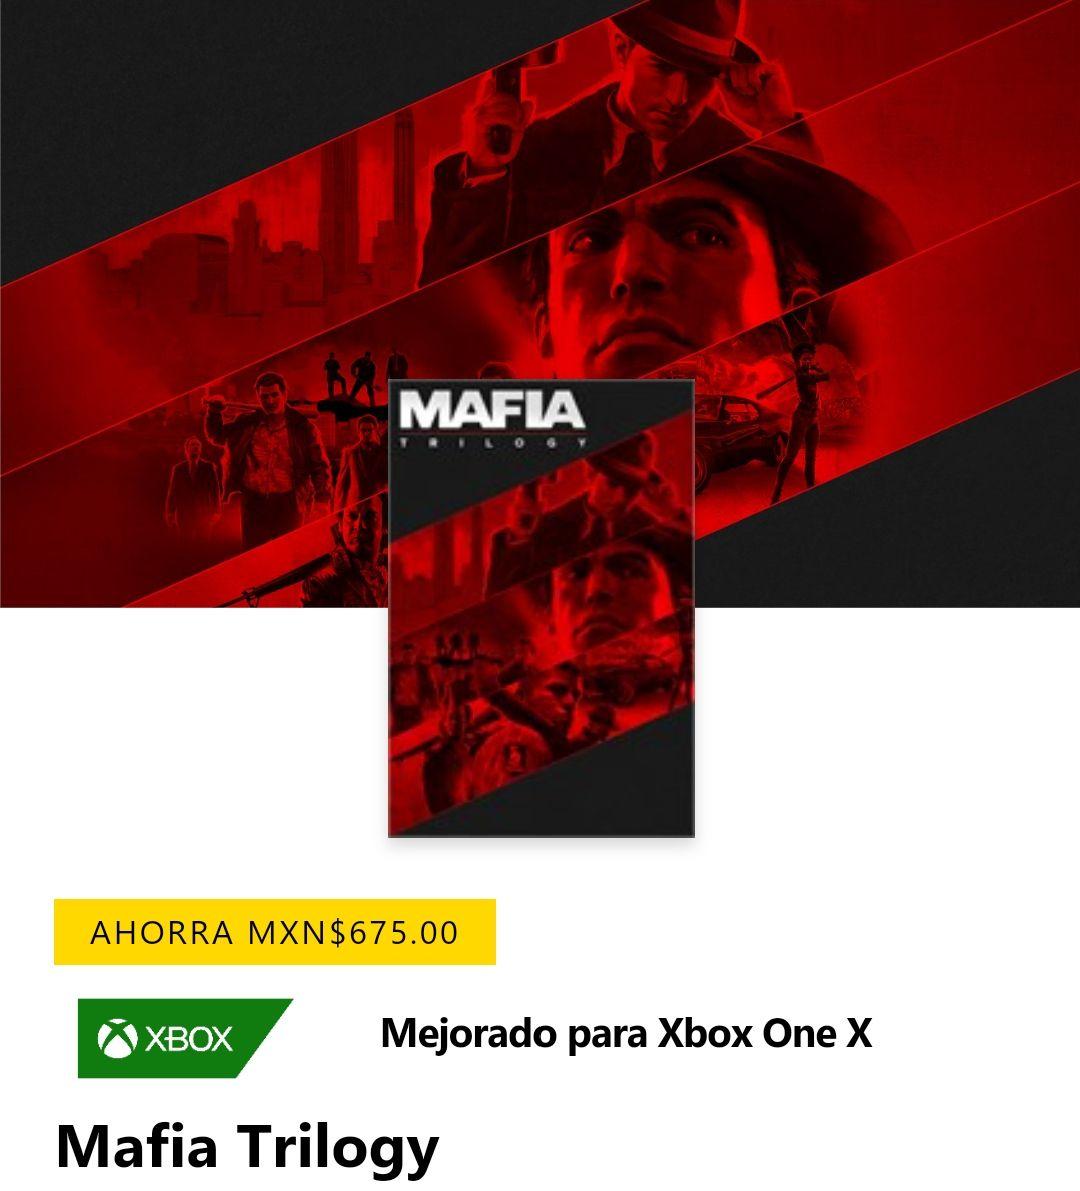 Xbox: Mafia Trilogy digital (1, 2 y 3 + DLC)